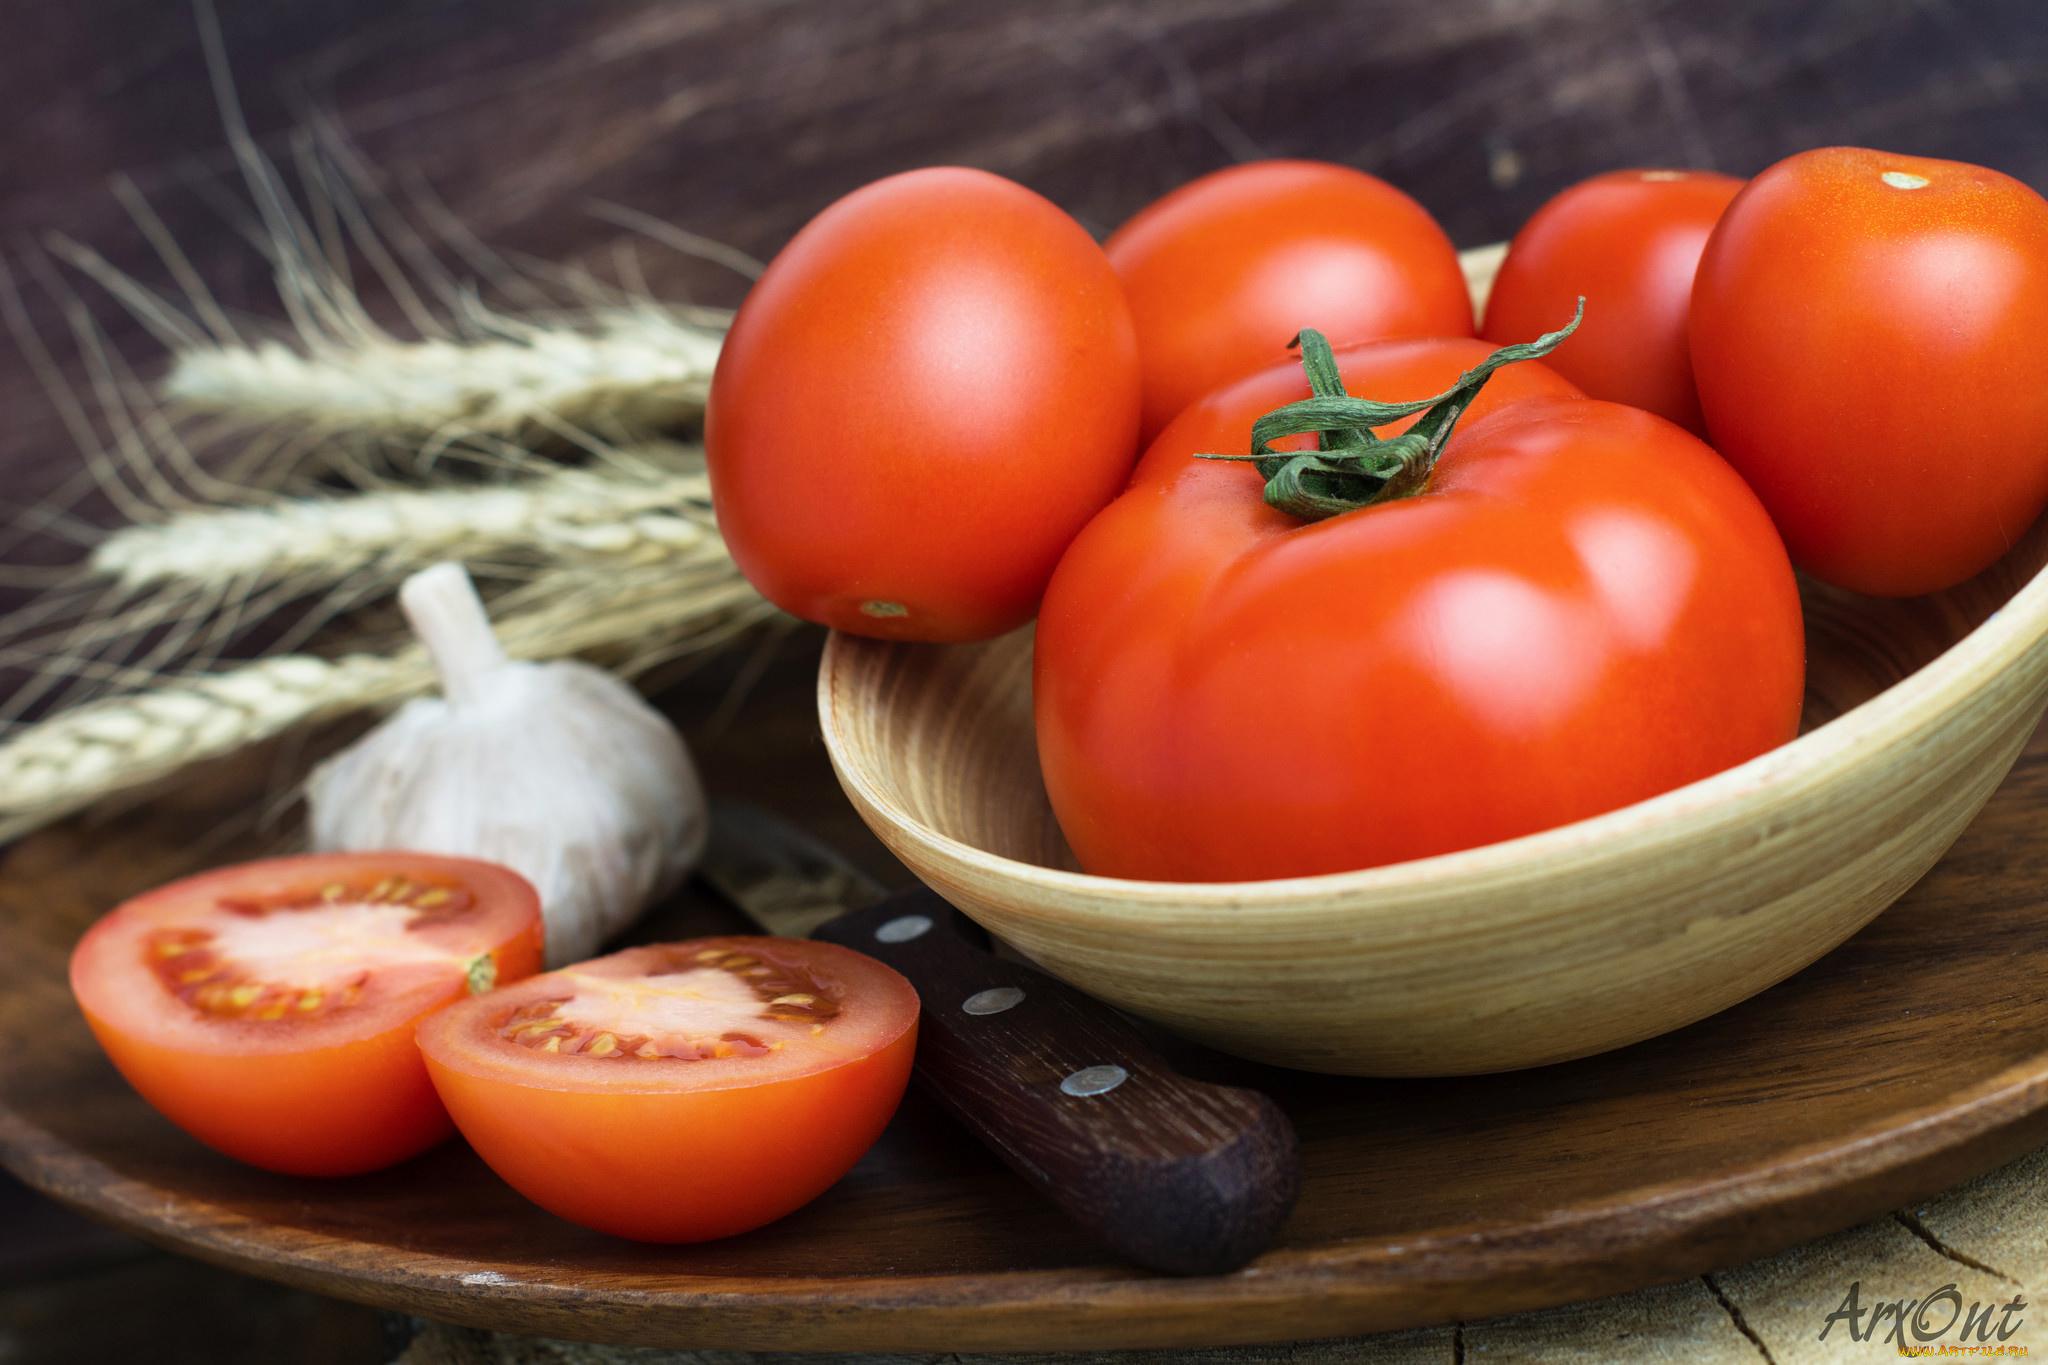 борщ помидоры перец зелень  № 2926414 загрузить